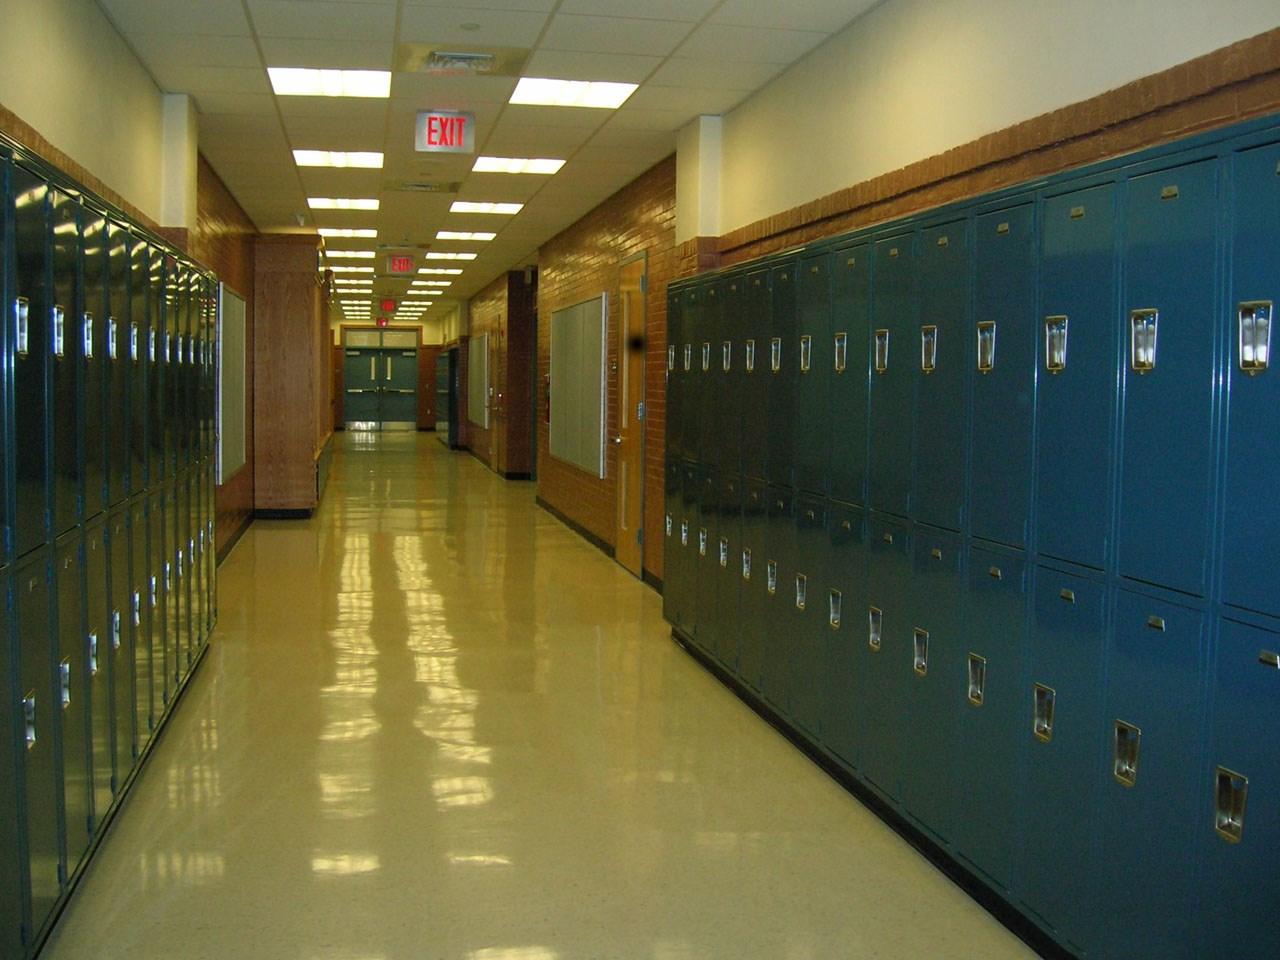 school hall way_1559254380238.jpg.jpg